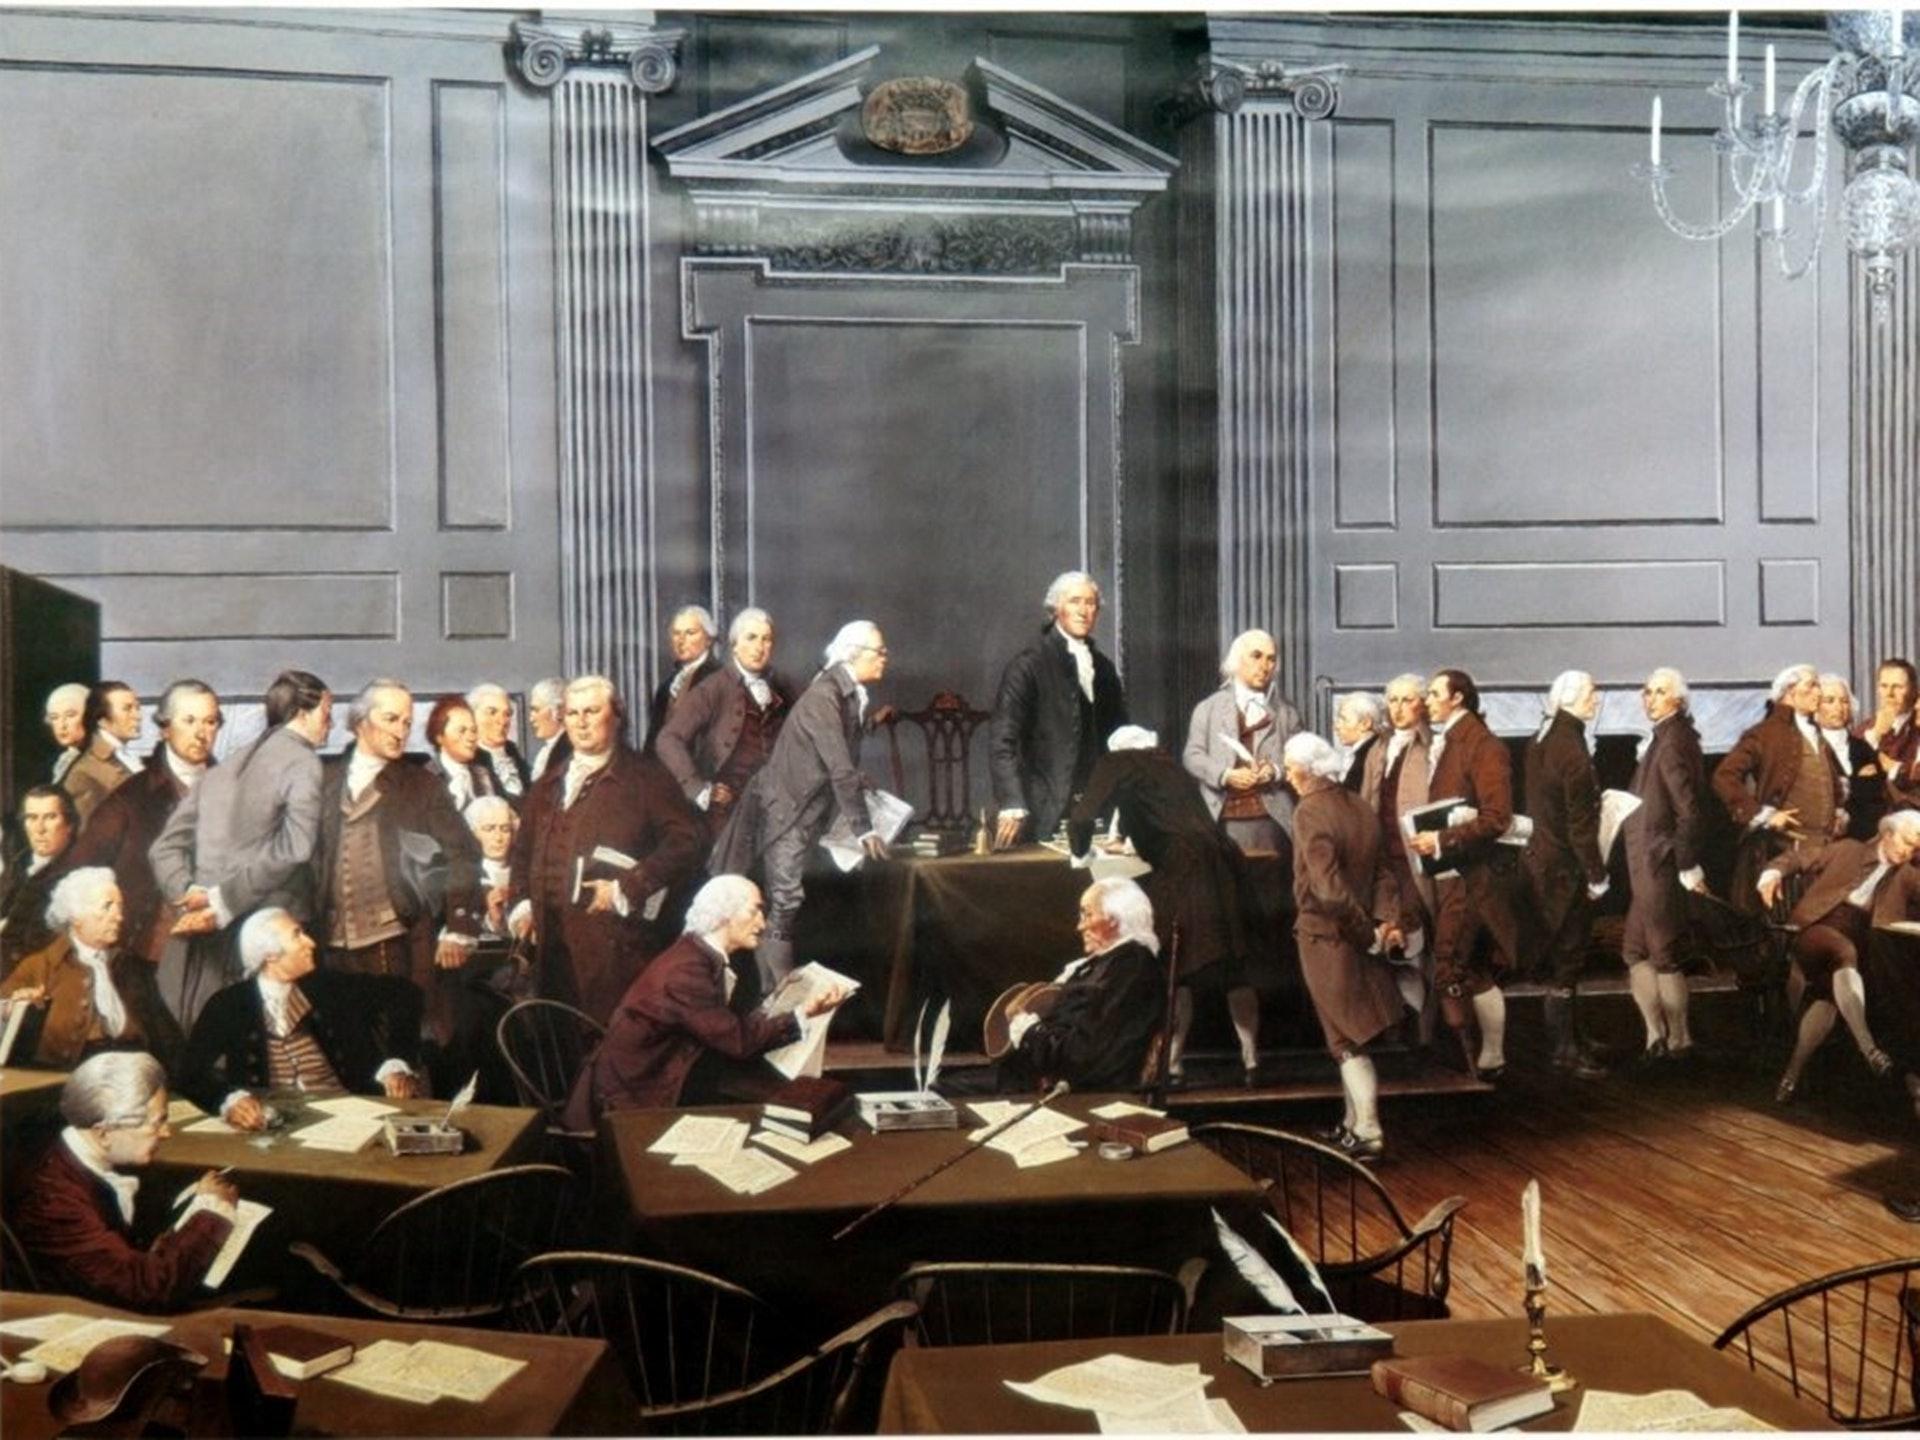 美國製憲代表們簽署憲法的想象圖,乃1987年美國畫家格蘭茨曼(Louis S. Glanzman,1922─2013年)所繪。(Independence National Historical Park)